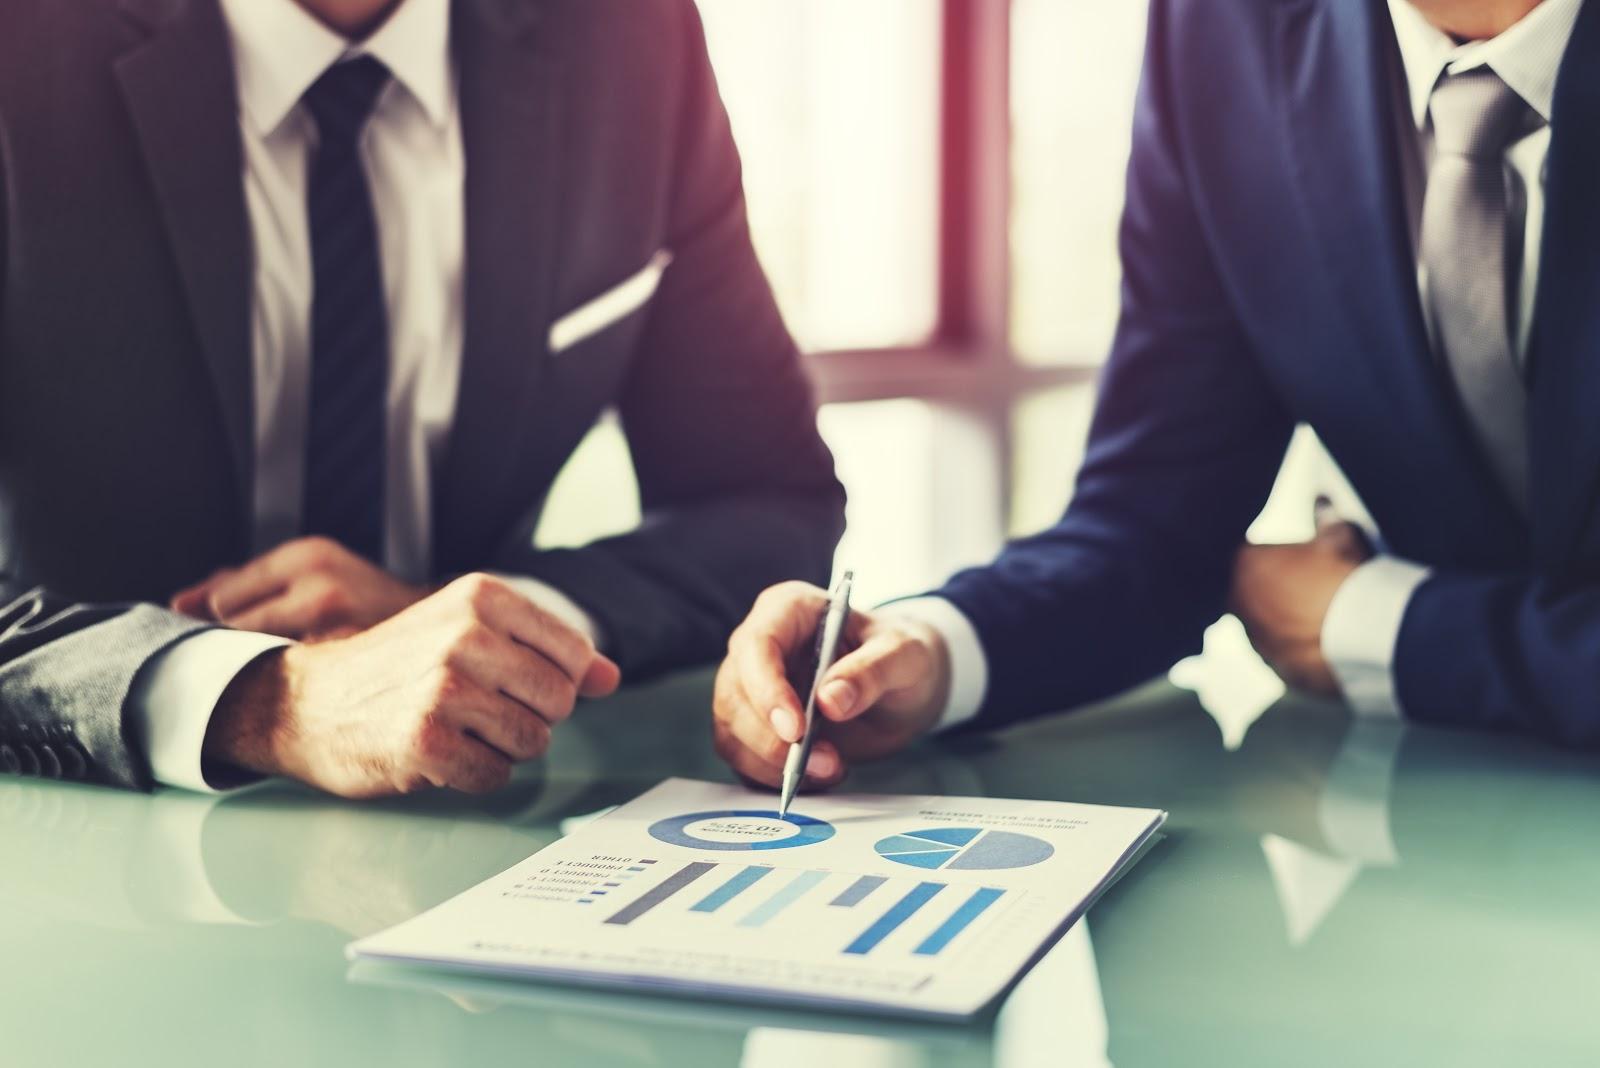 Để chọn được một đơn vị cung cấp dịch vụ Digital Marketing phù hợp với doanh nghiệp, cần phải làm việc cùng nhiều đơn vị để có thể lựa chọn được đối tác lâu dài